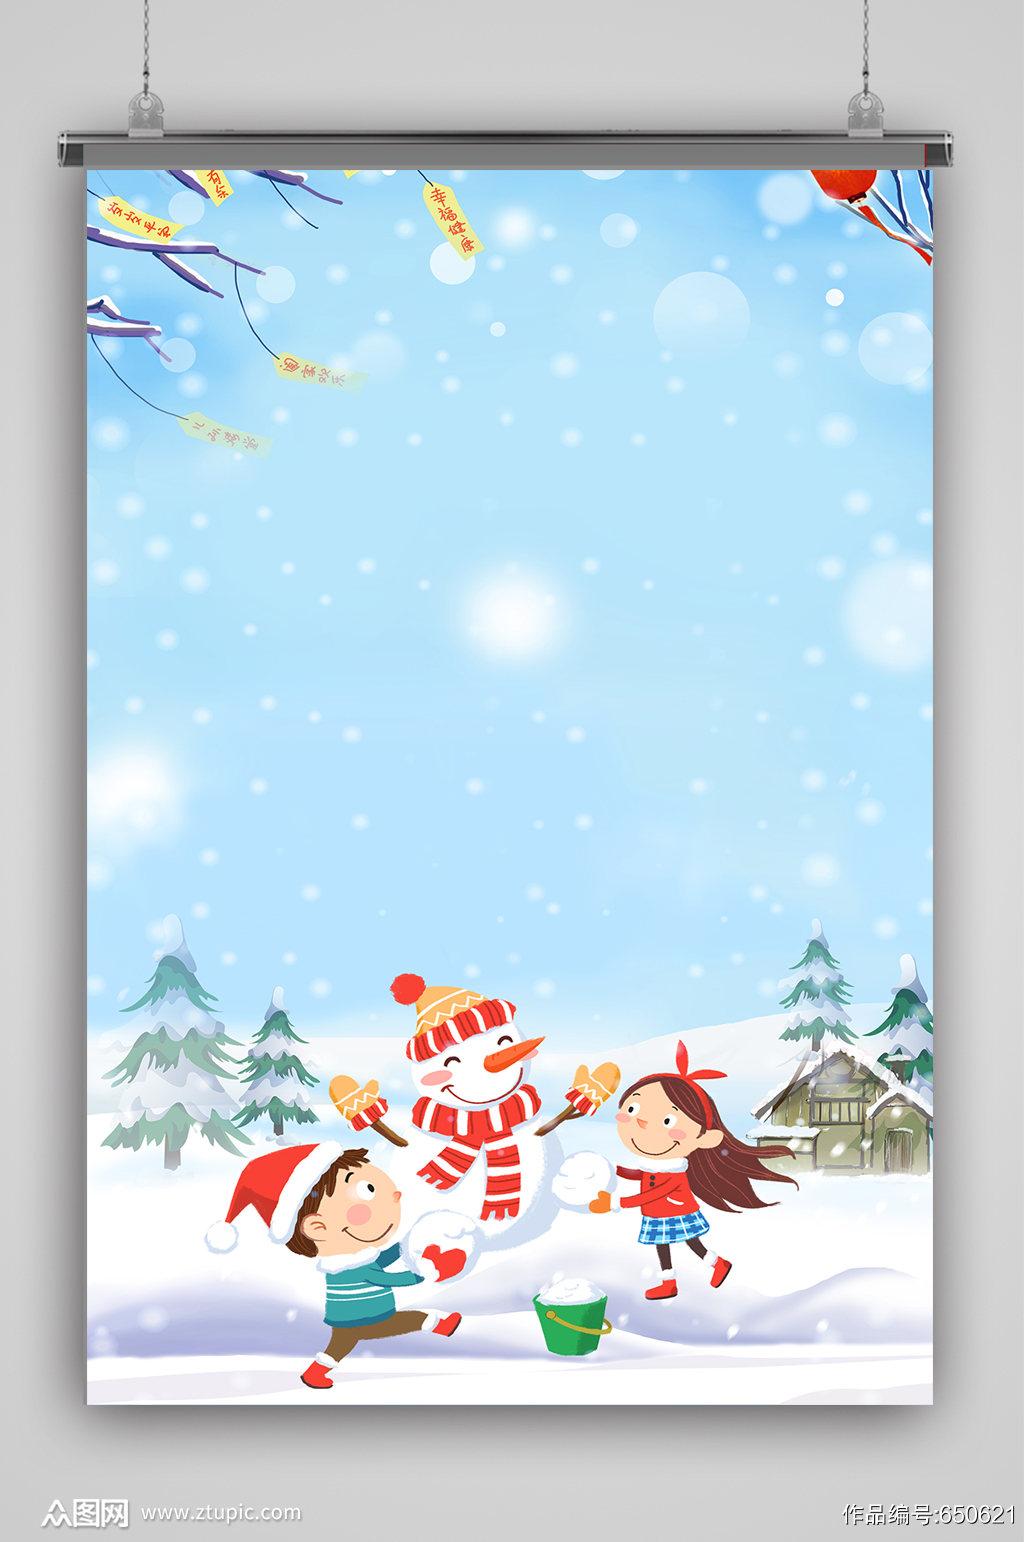 唯美卡通冬天玩耍海报背景素材